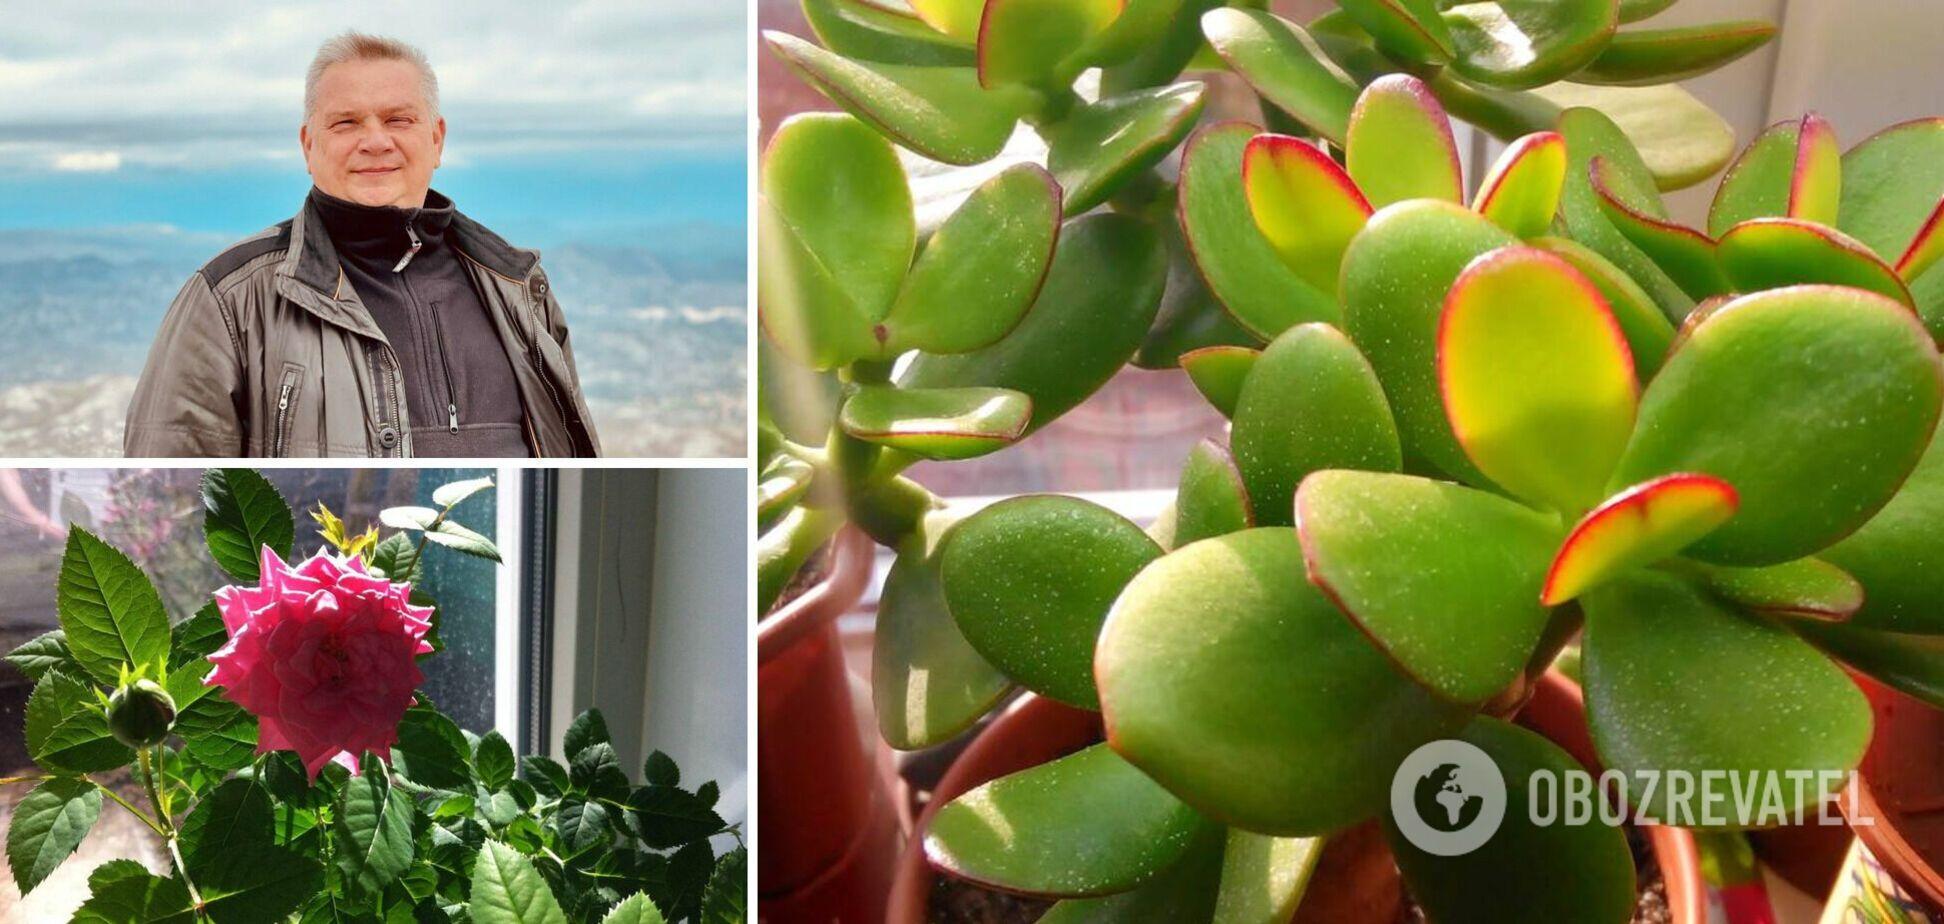 Кімнатні рослини і прикмети: Мехеда пояснив, як вони впливають на людей